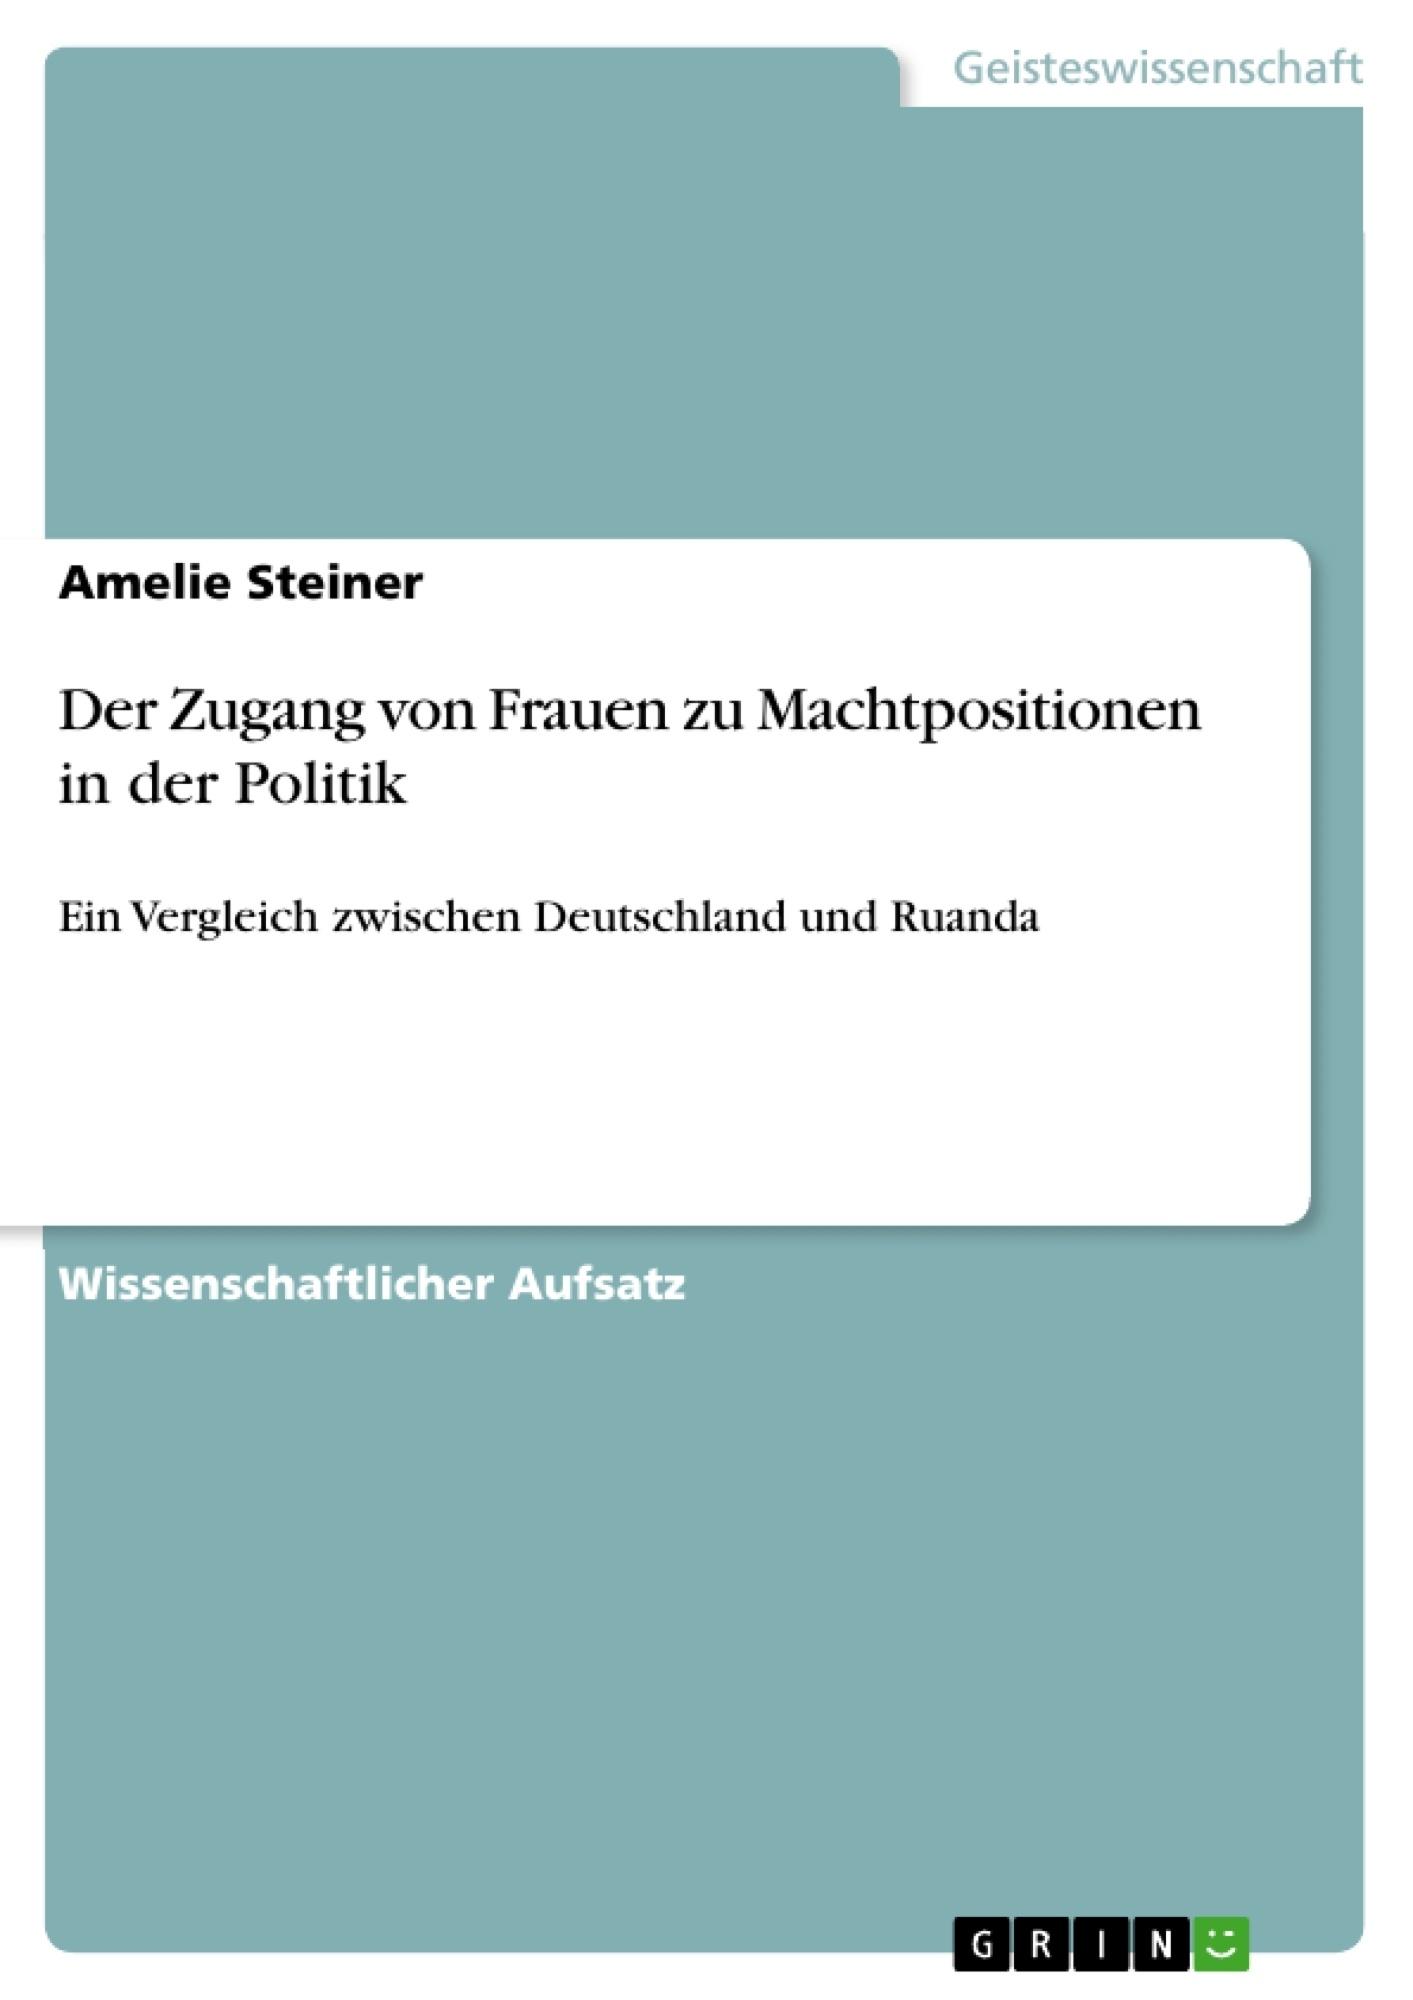 Titel: Der Zugang von Frauen zu Machtpositionen in der Politik